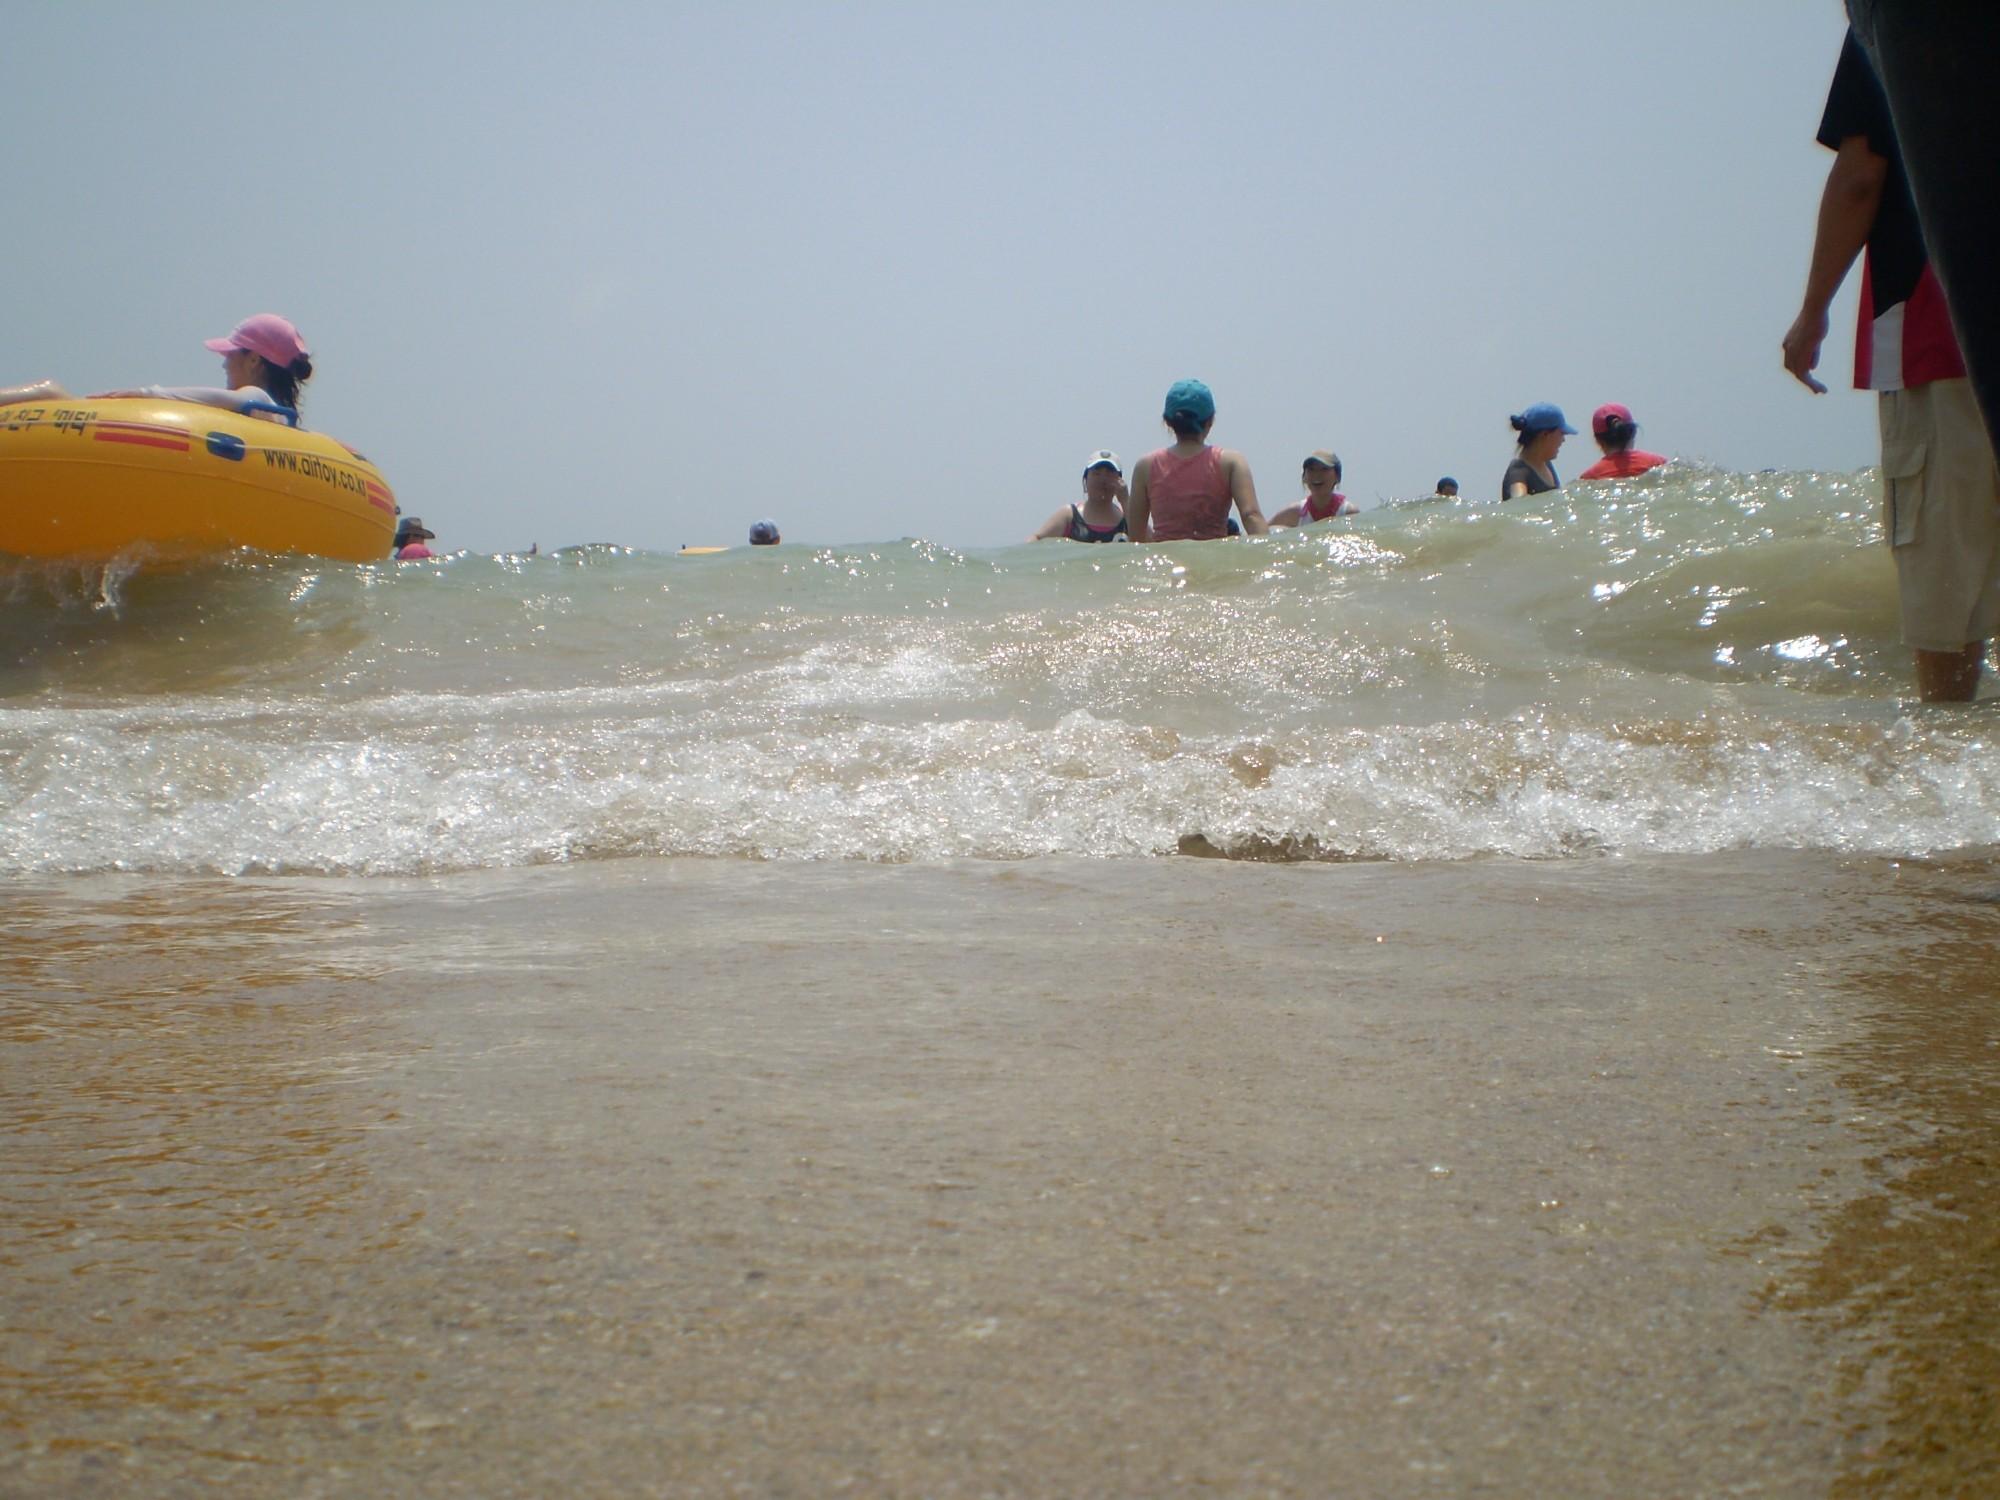 At the beach, Beach, Blue, Children, Enjoy, HQ Photo